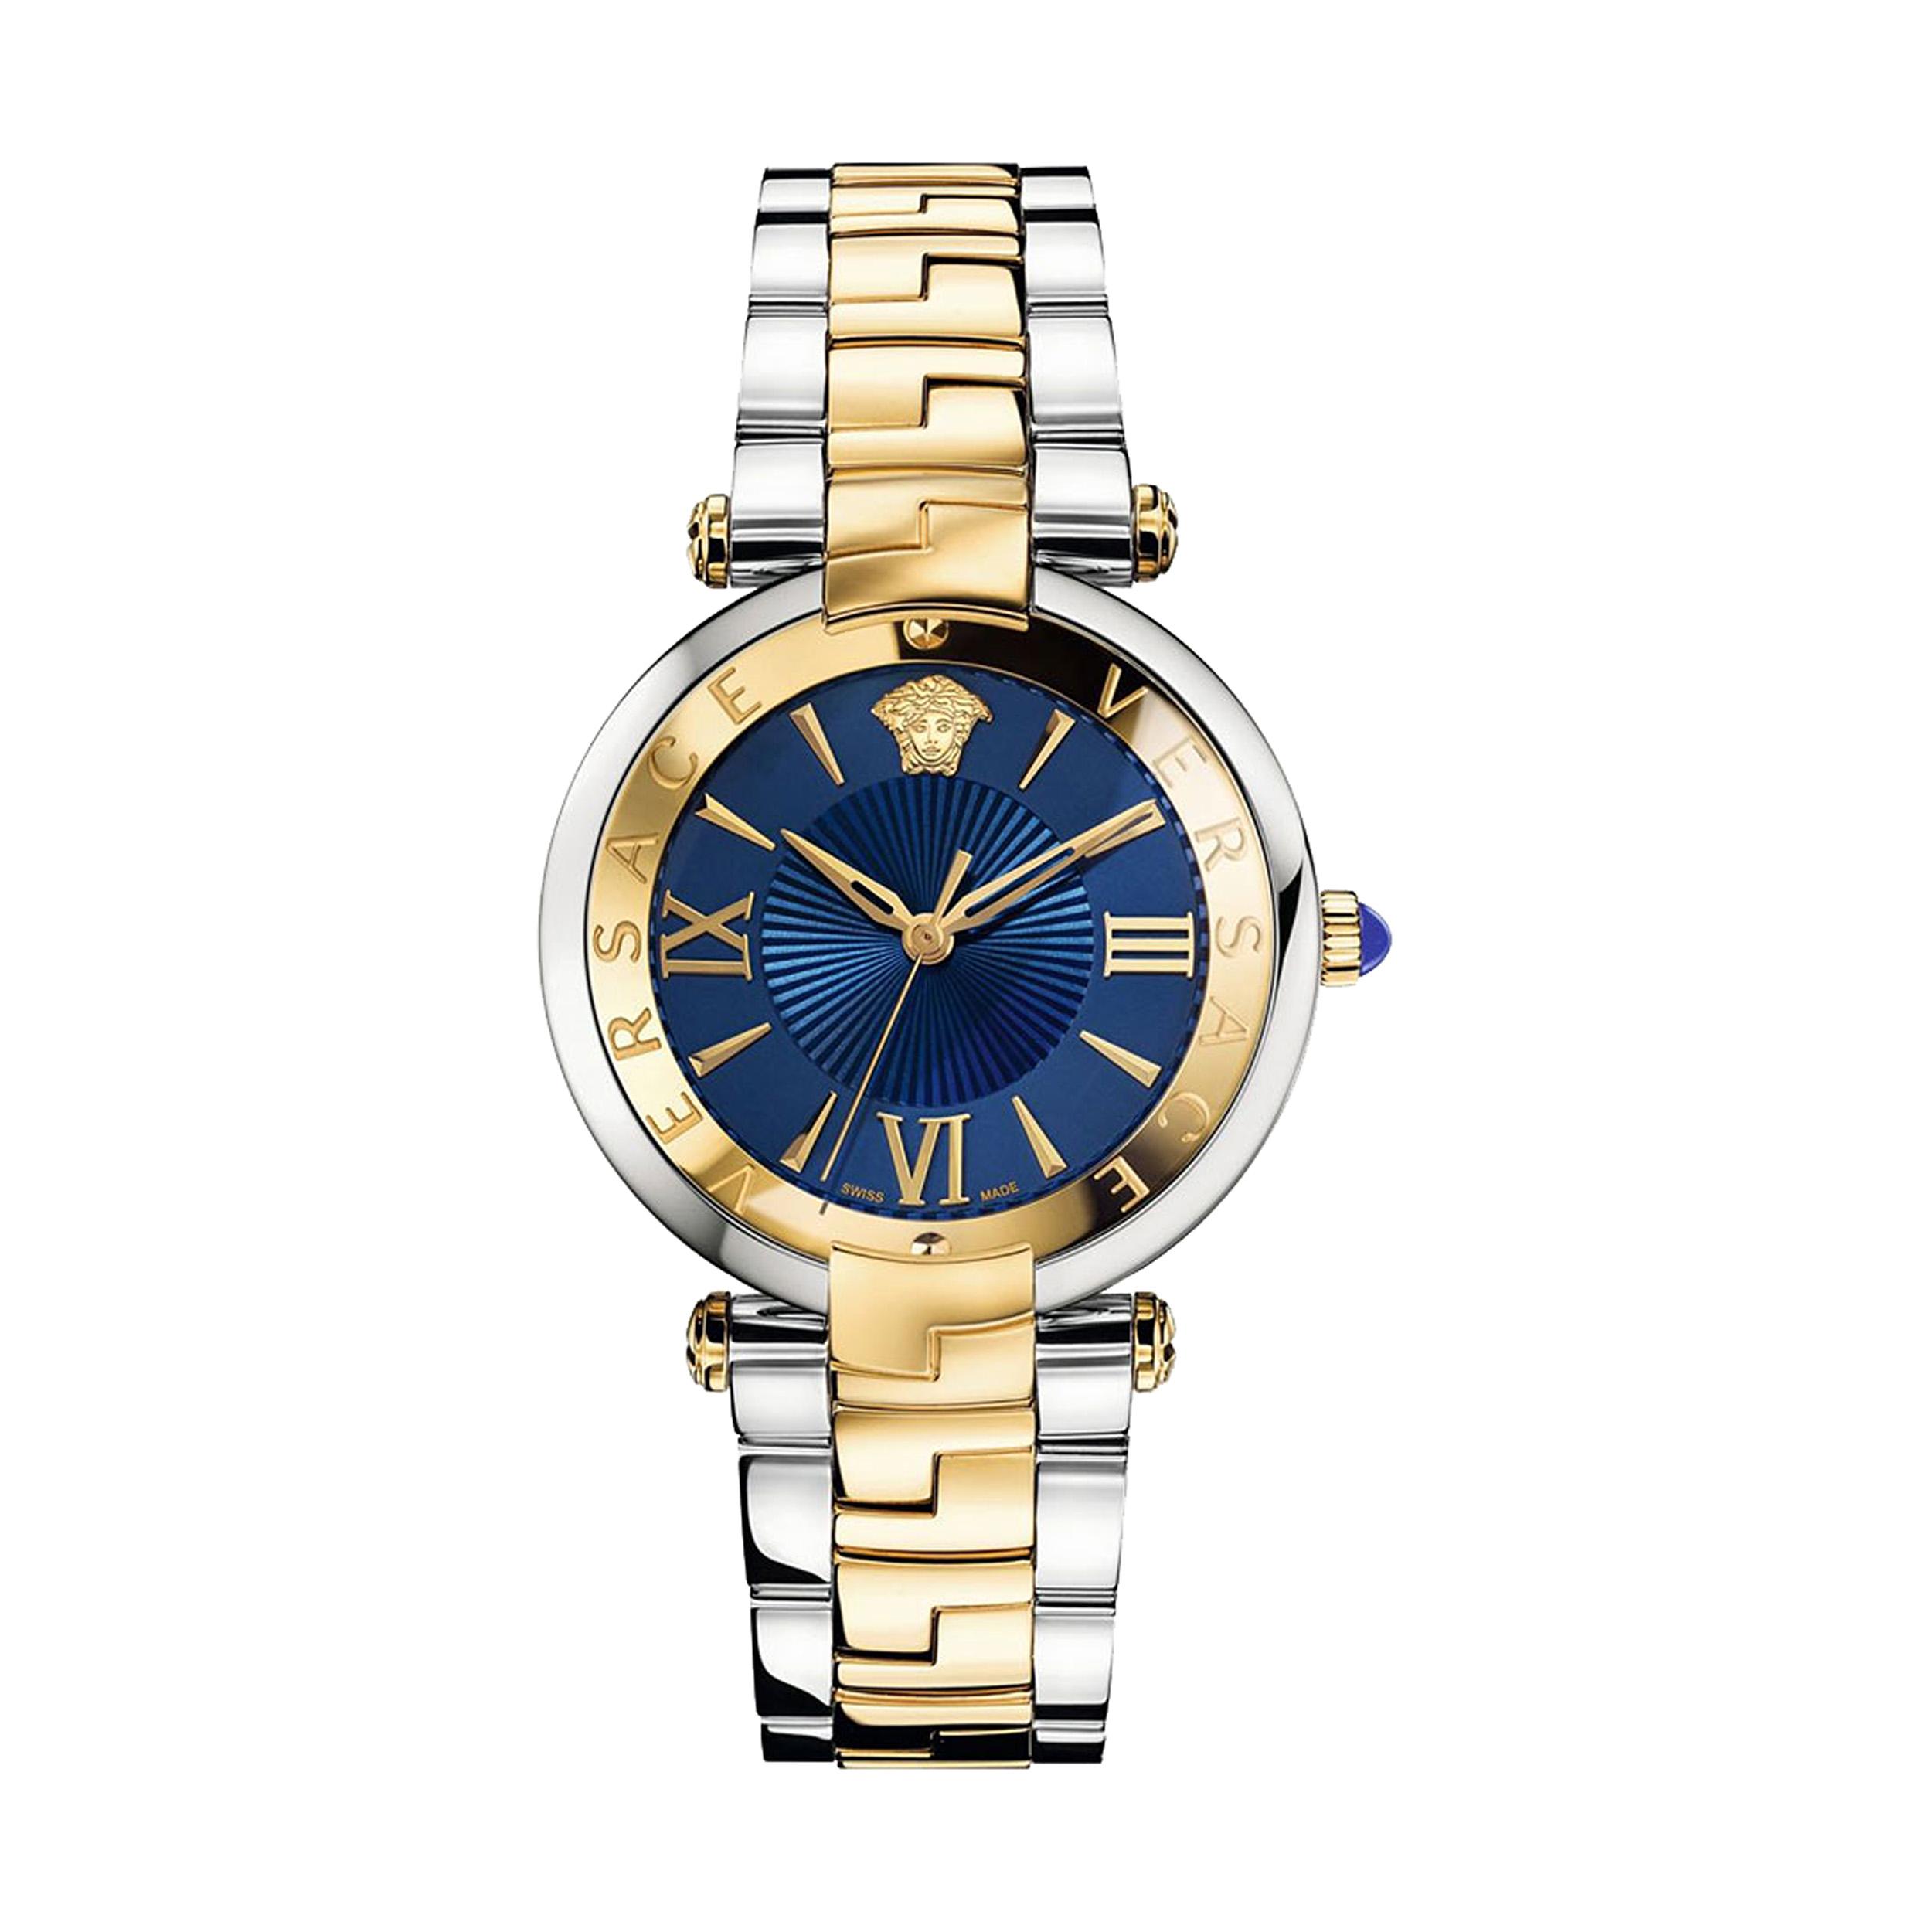 خرید ساعت مچی عقربه ای زنانه ورساچه مدل VAI230017